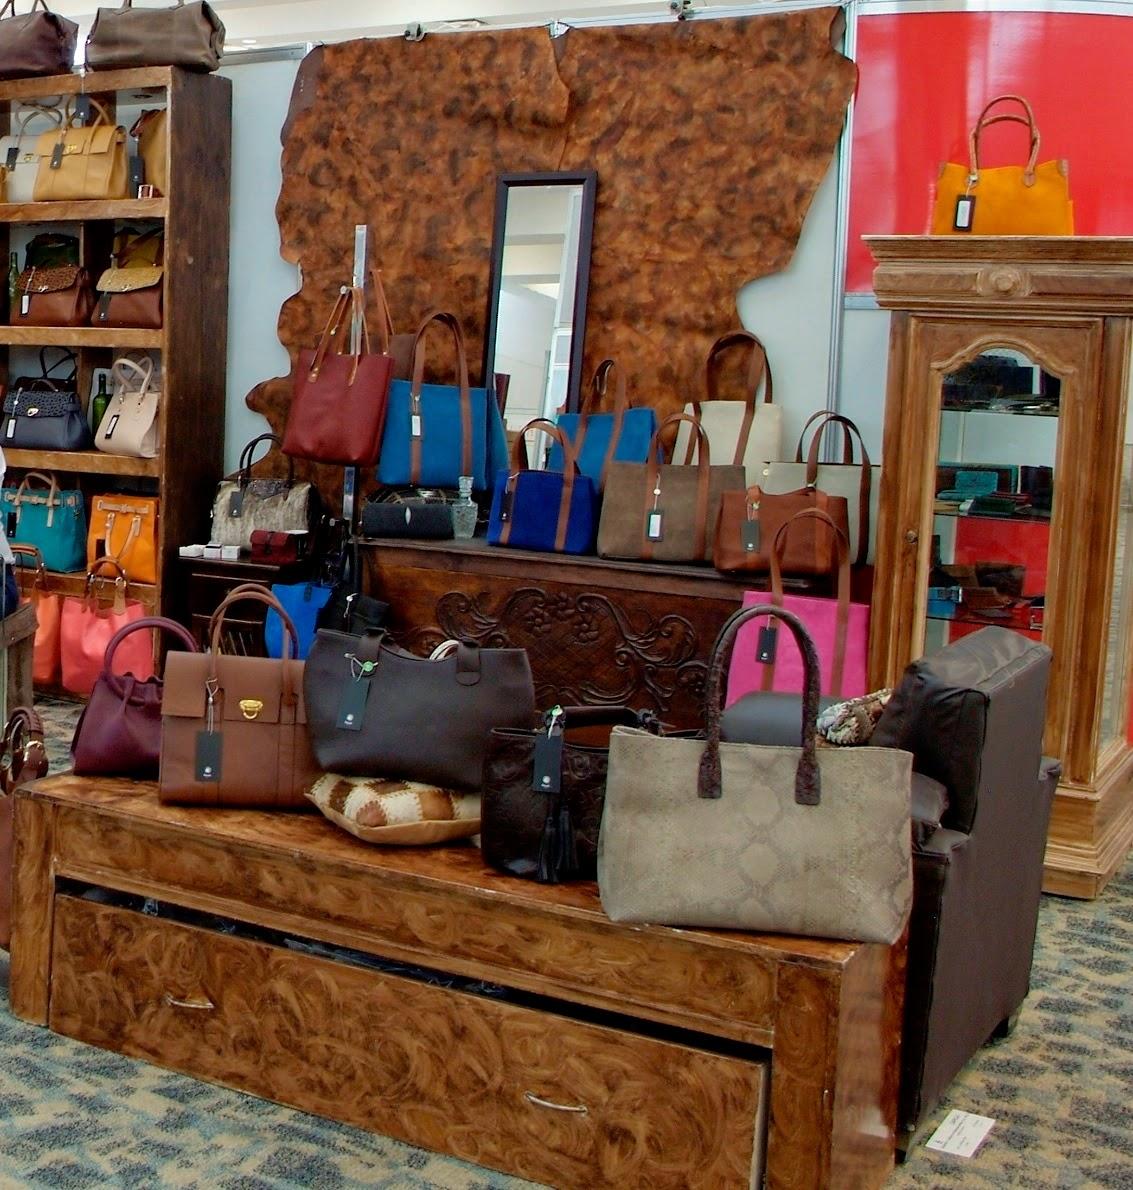 bolsos dama, escaparate de la dama, sapica marzo 2014, articulos de piel, moda, moda mexicana.